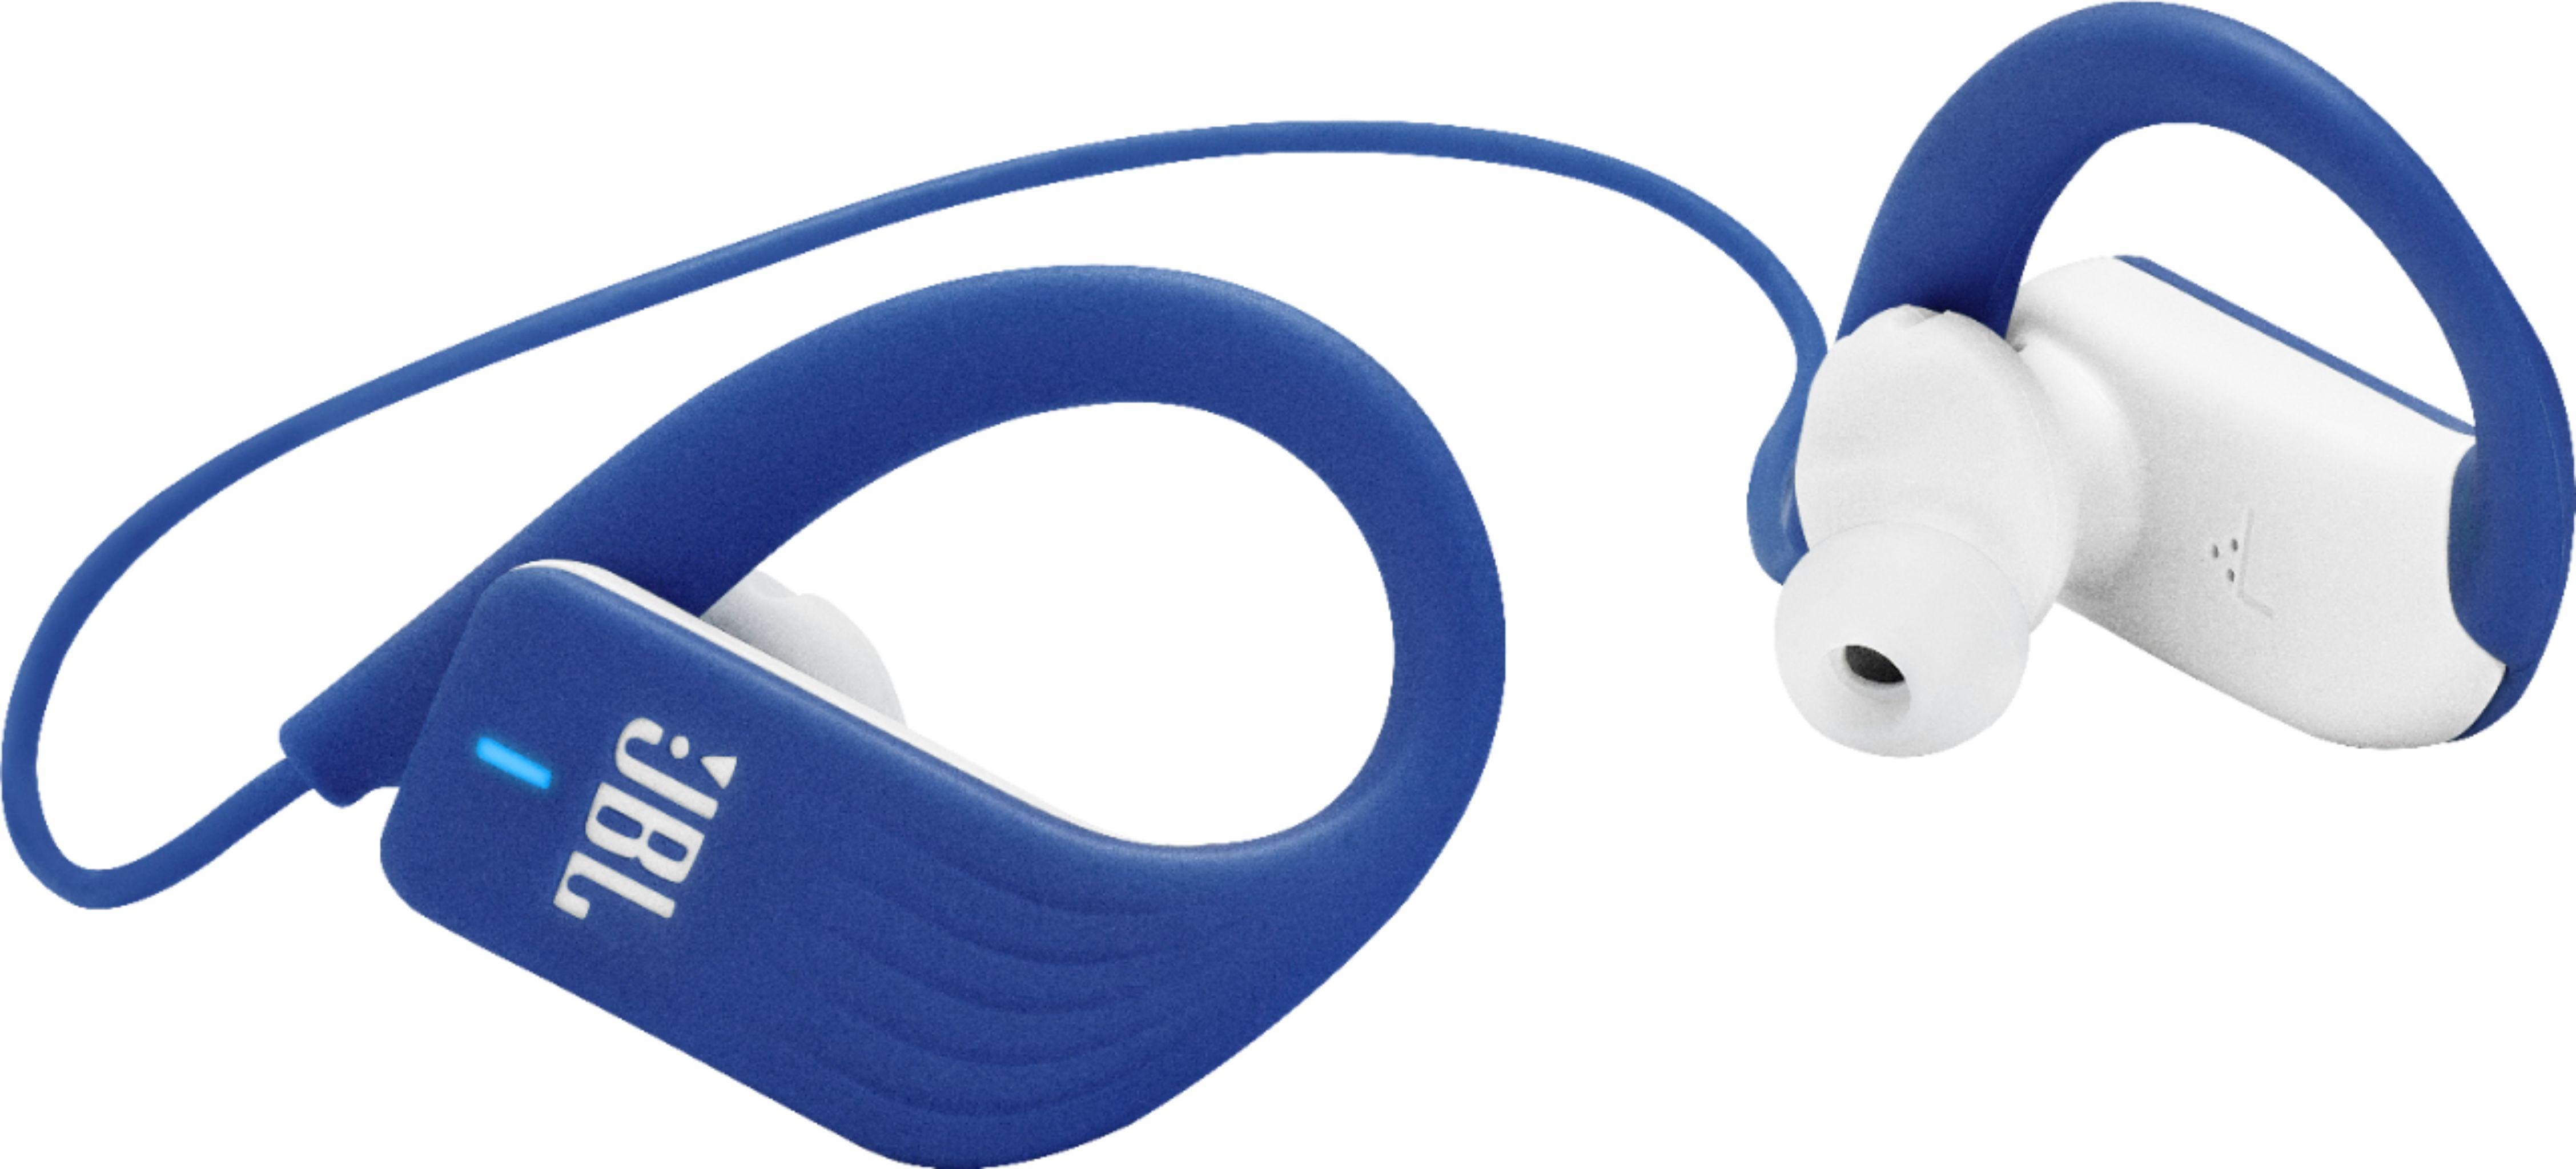 headphone wiring diagram gas geyser jbl headphones best buy endurance sprint wireless in ear blue front zoom